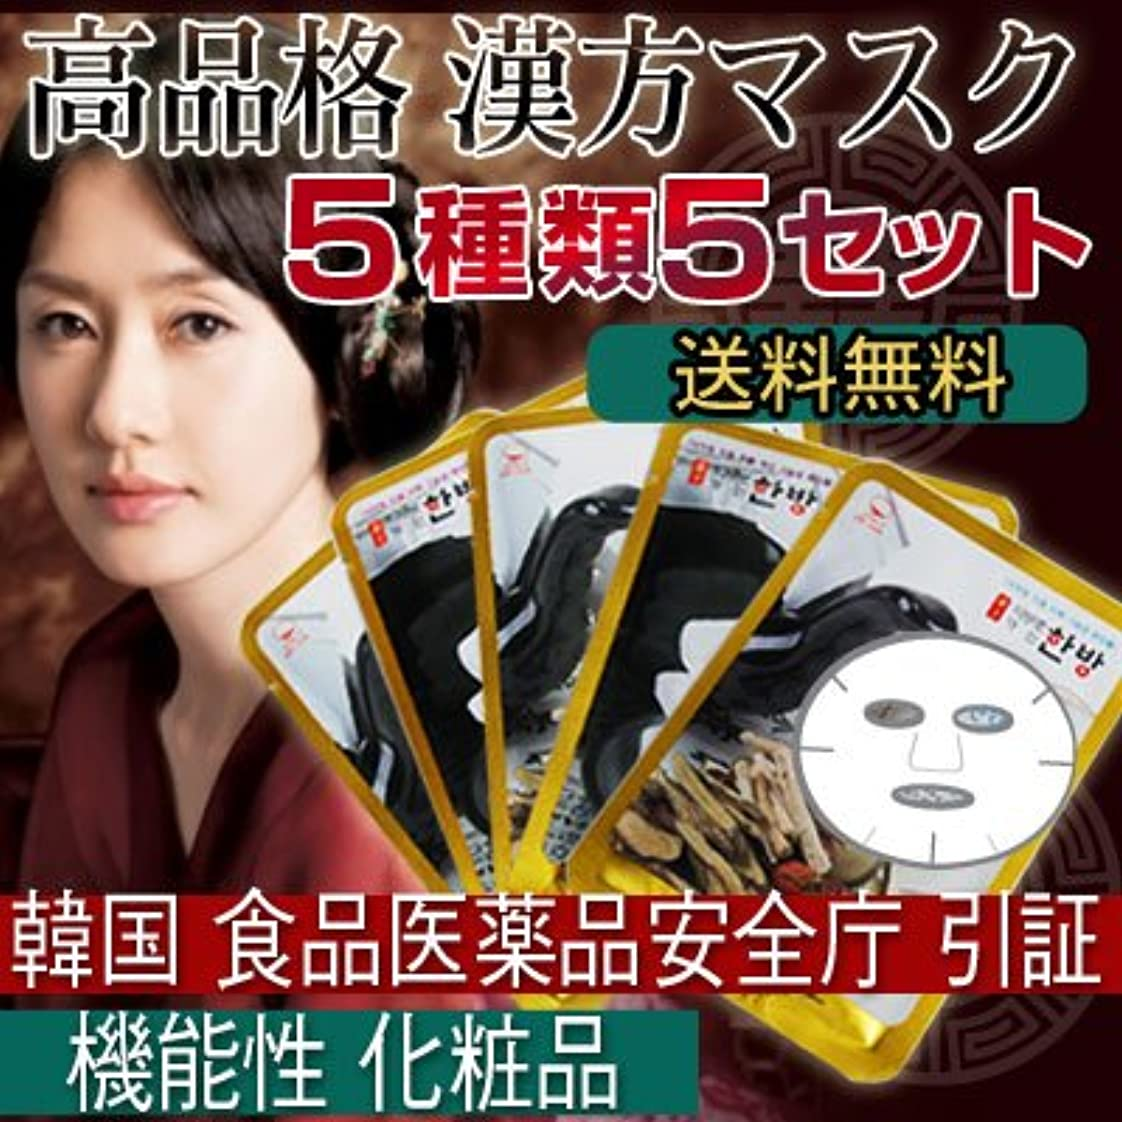 絶滅させる毛布ポンペイ漢方シートマスクパック 5種類5セット